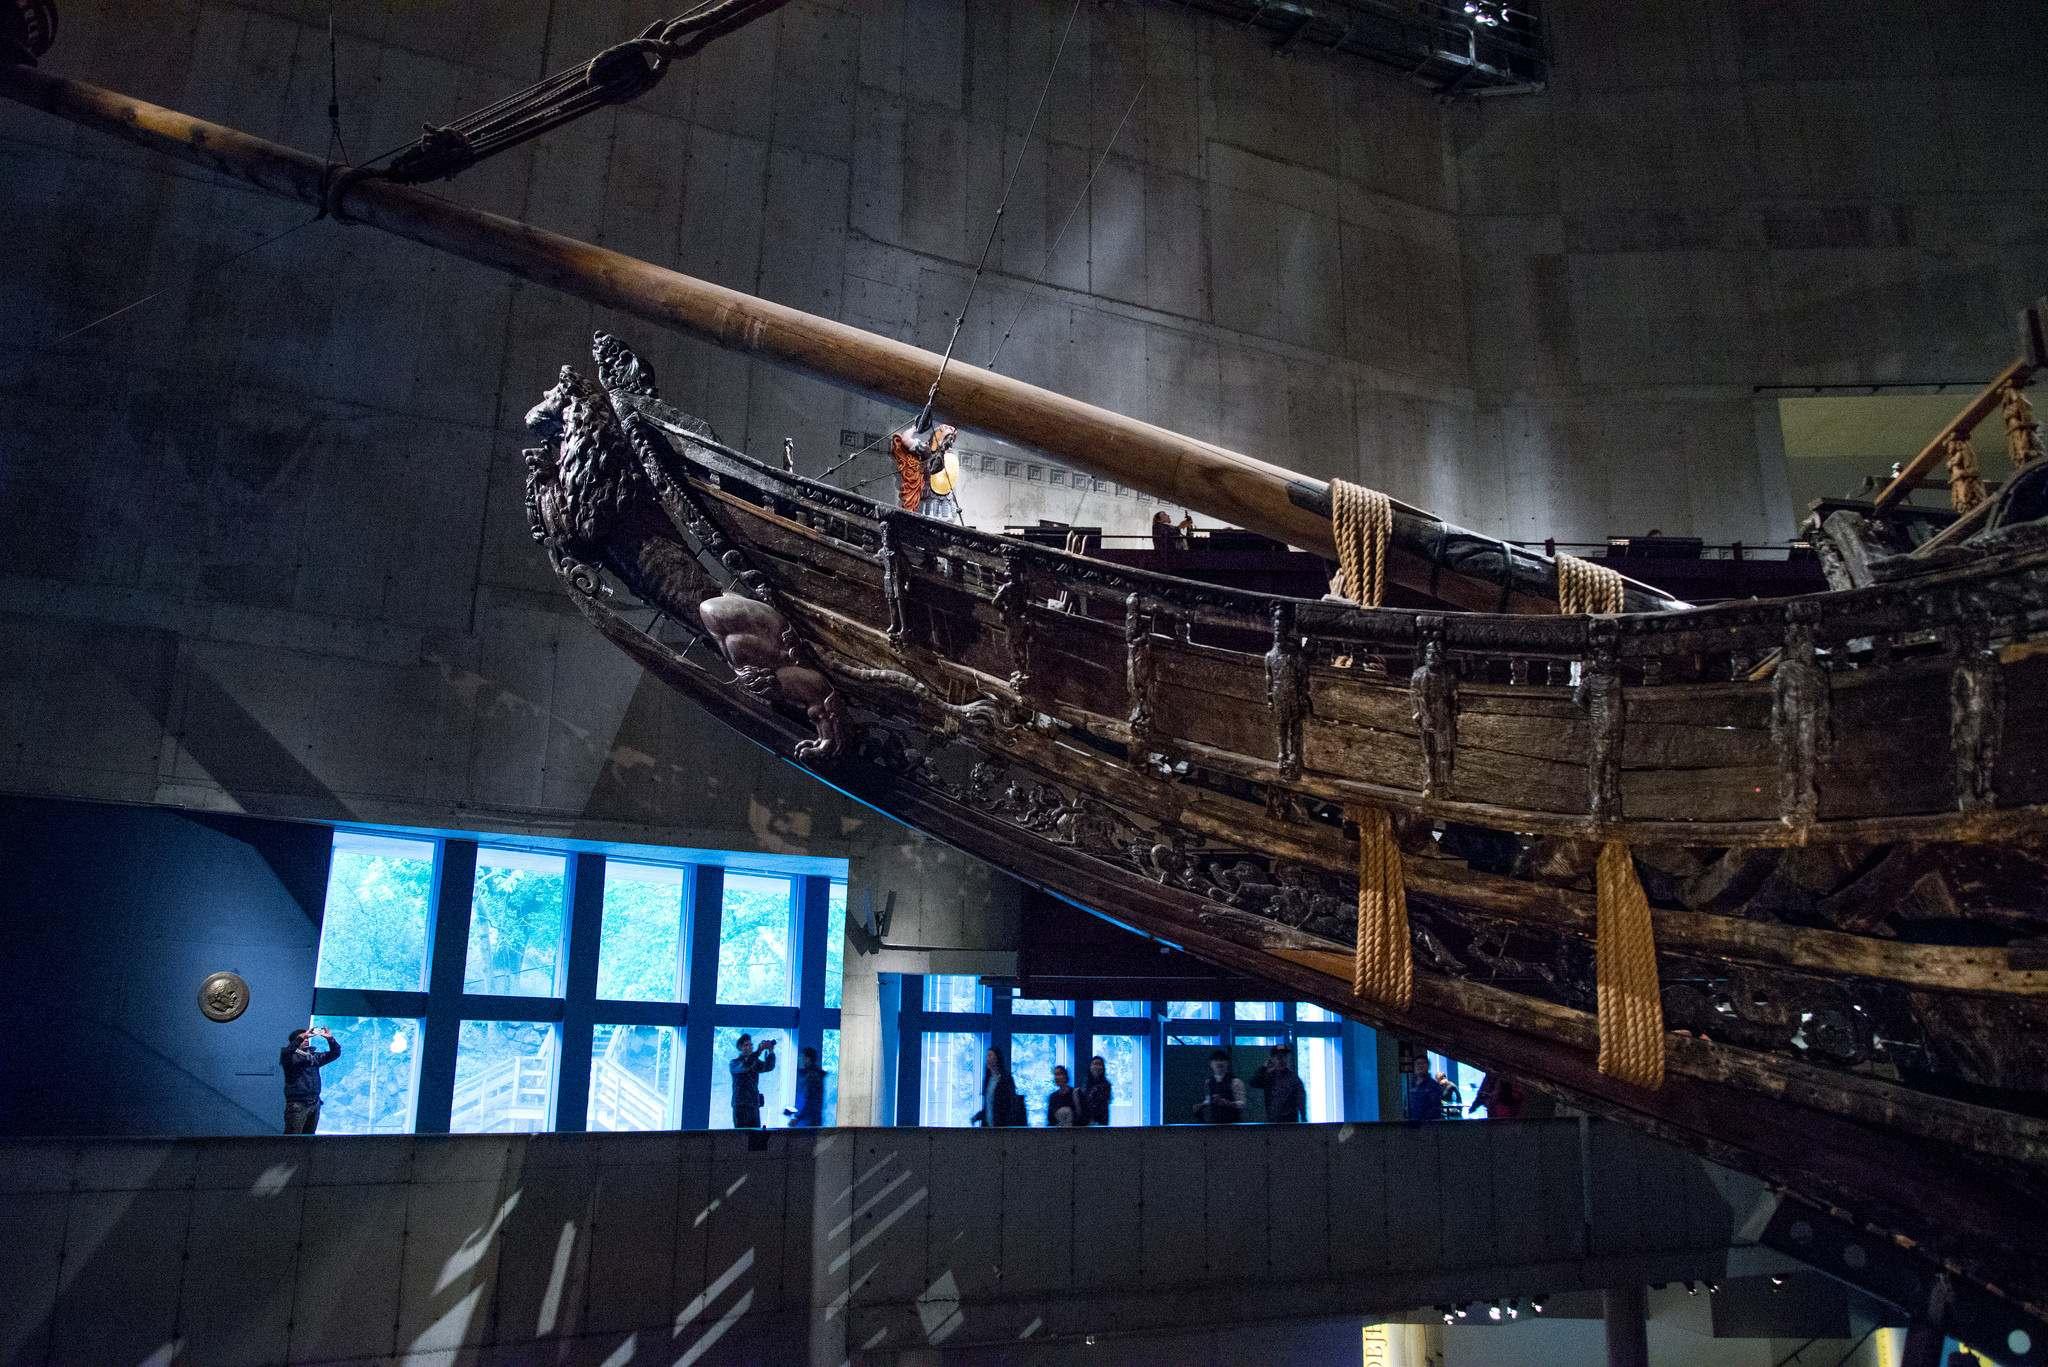 wasa12 Wasa   Swedish War Ship in Stockholm